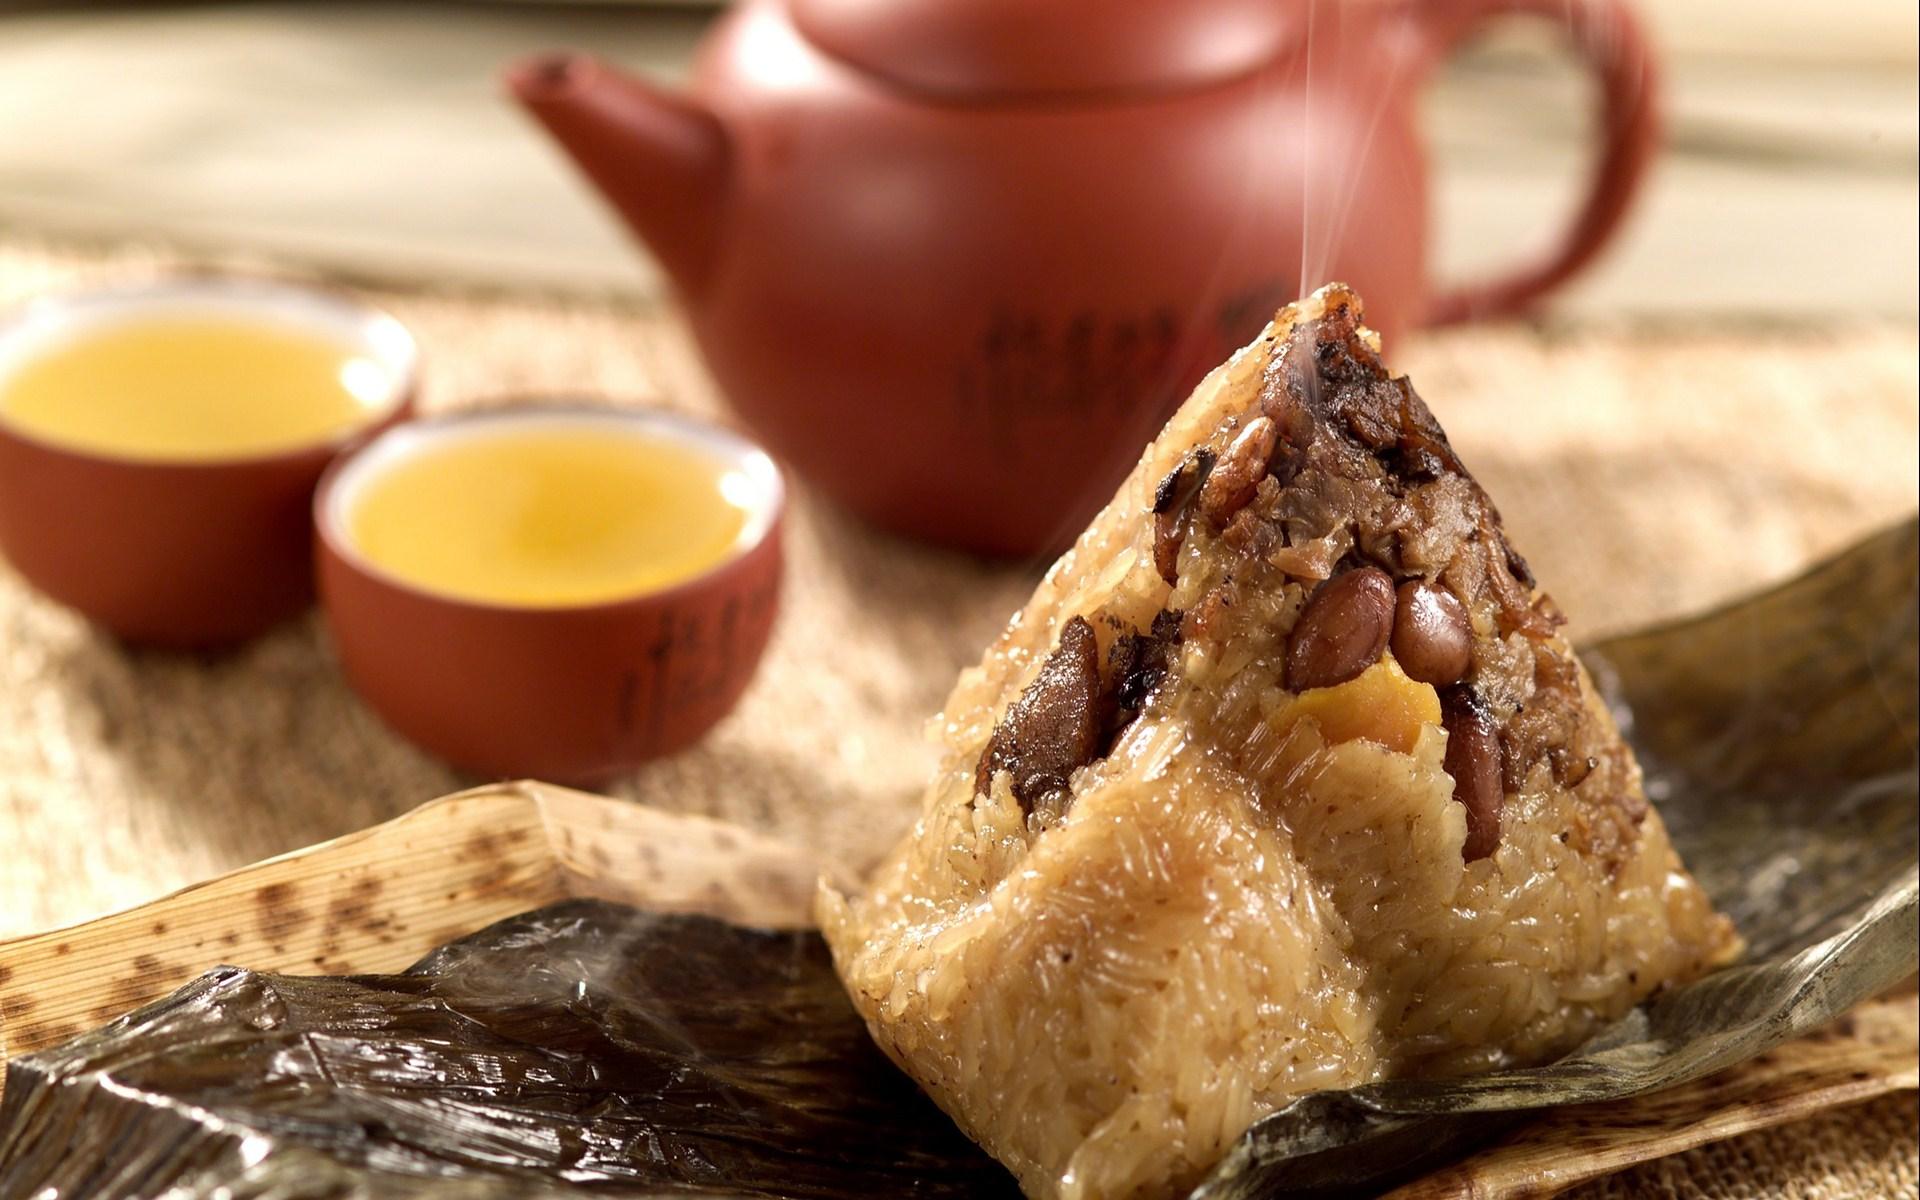 端午包粽子是用长糯米好还是圆糯米好?不知道的快来看看吧